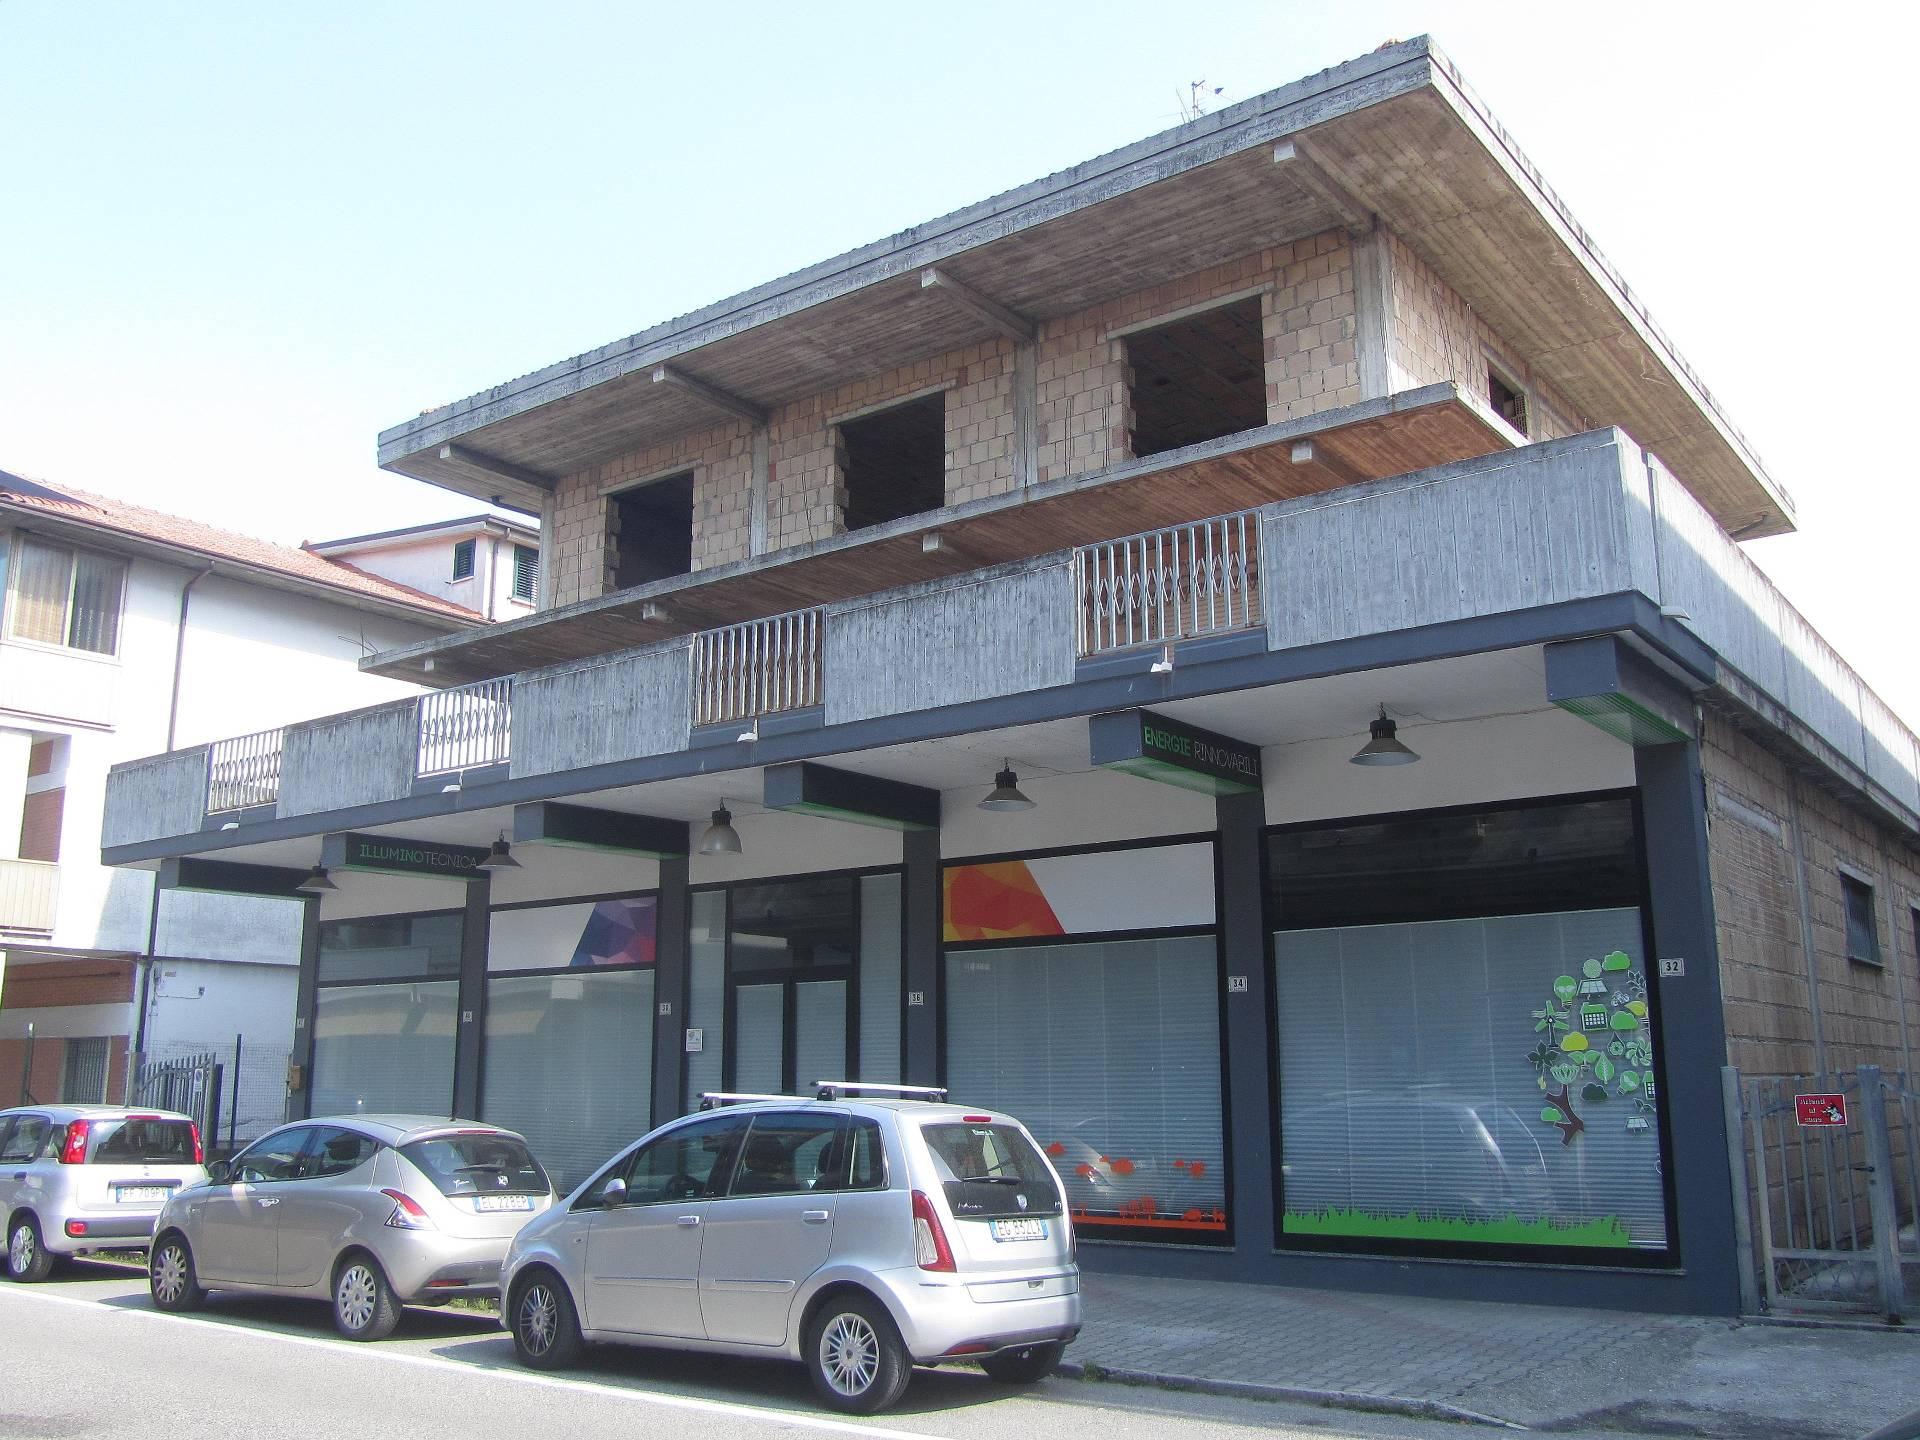 Soluzione Indipendente in vendita a Martinsicuro, 6 locali, prezzo € 350.000 | Cambio Casa.it